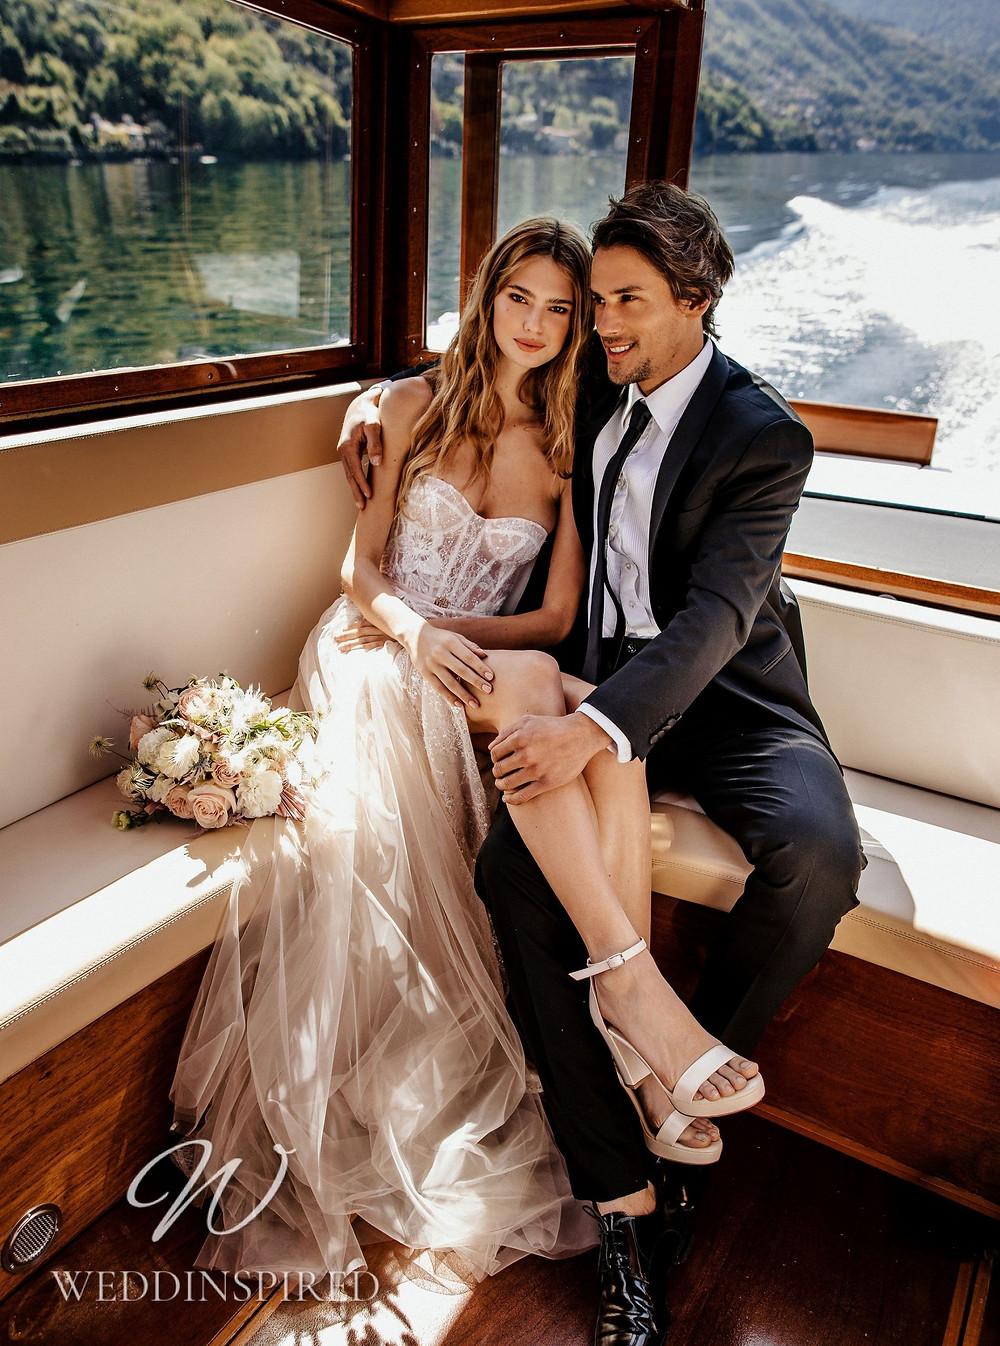 A Berta 2022 strapless blush A-line wedding dress